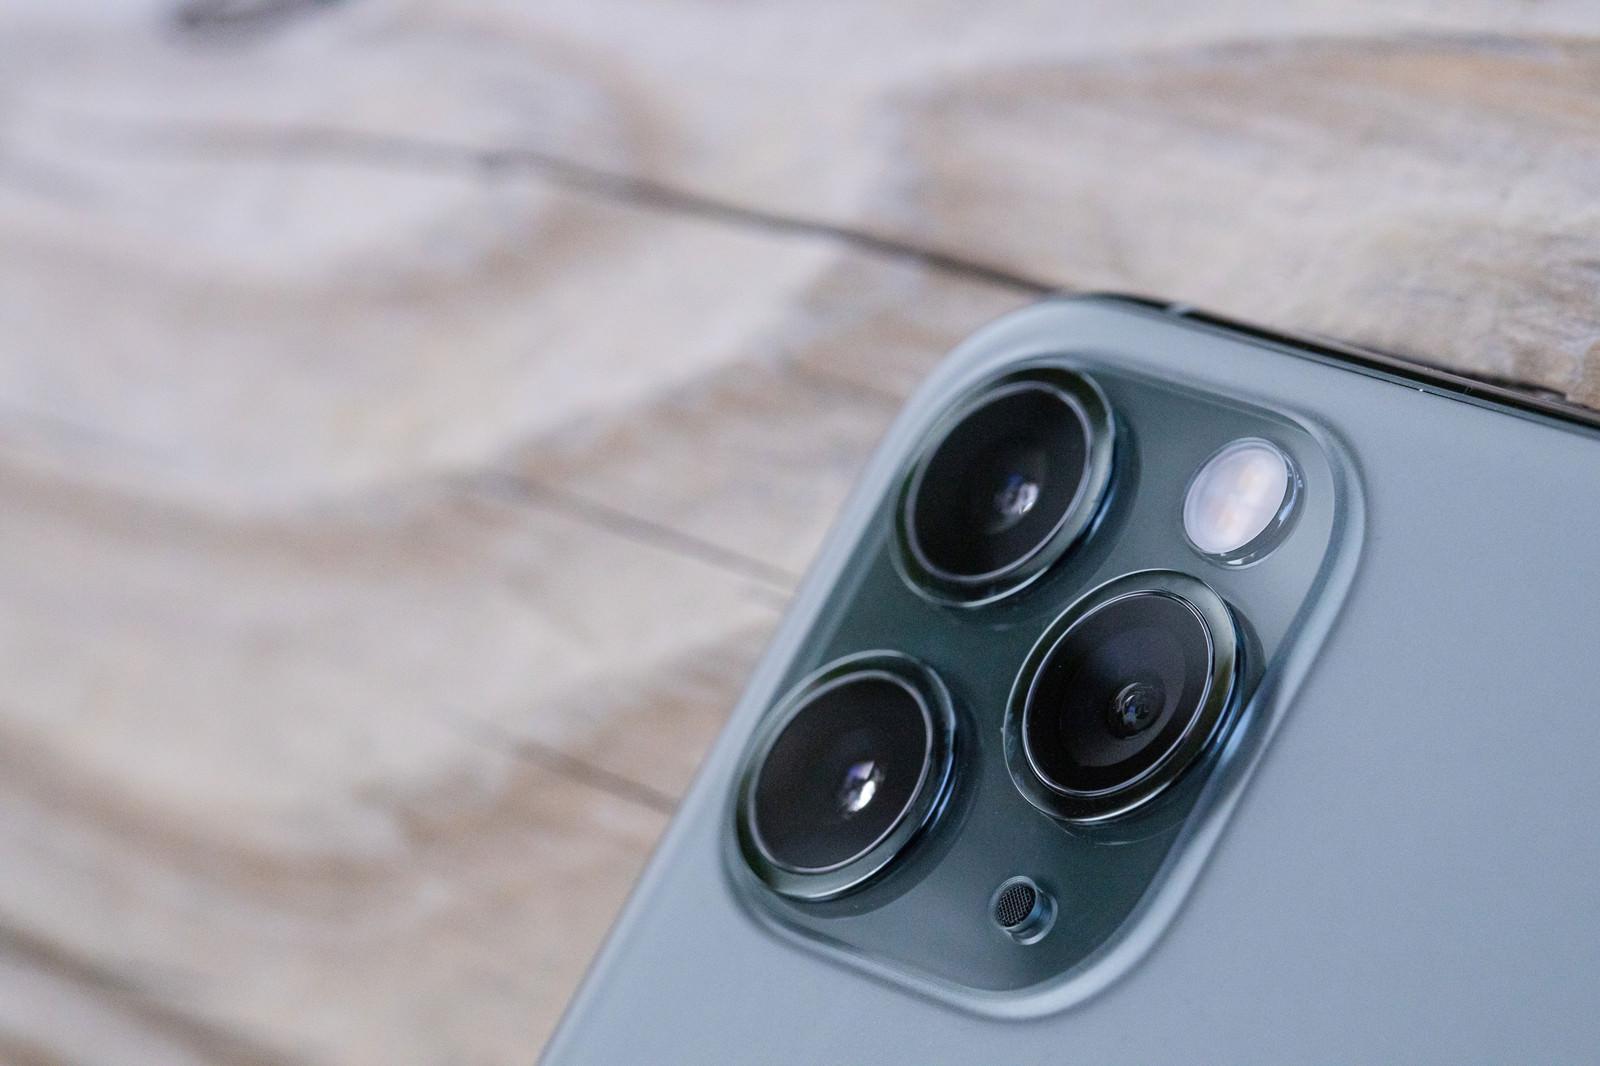 「超広角、広角、望遠カメラを搭載したトリプルカメラ(iPhone 11 Pro)」の写真